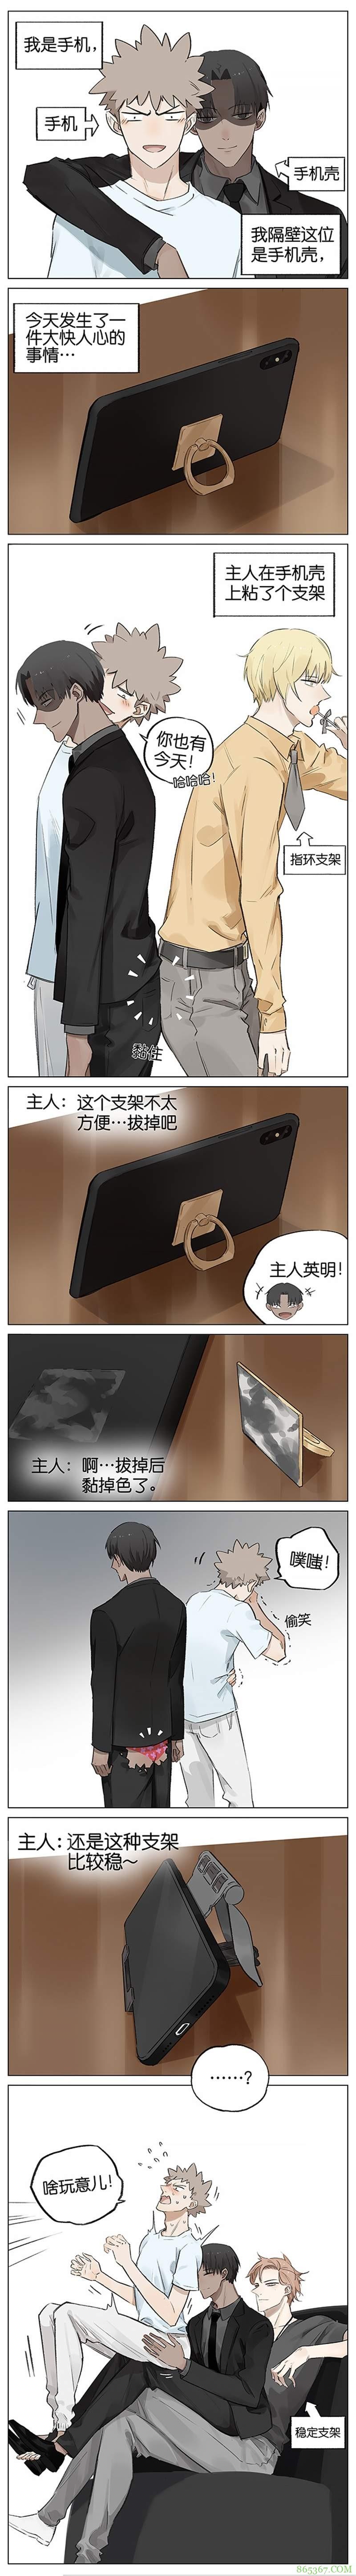 """阿闷aman将手机与手机壳拟人化 """"我是手机隔壁是手机壳""""成微博人气漫画"""